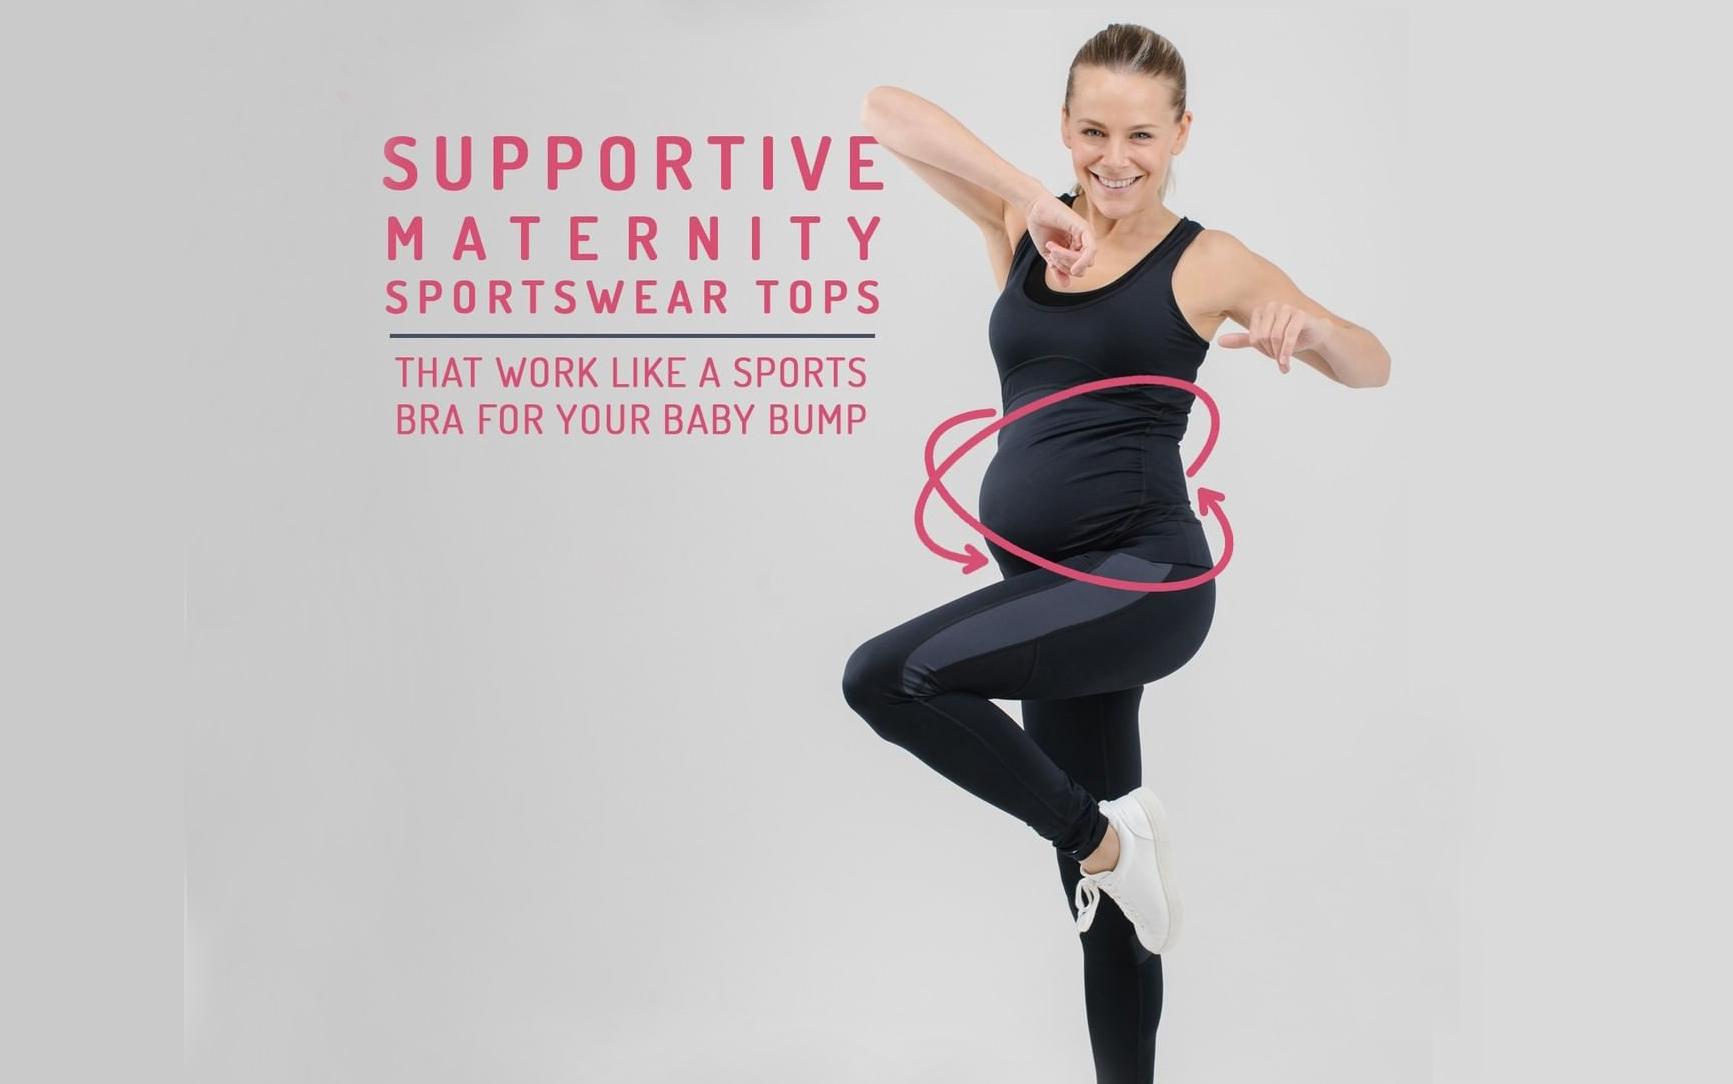 ..Maternity Sportswear Tops